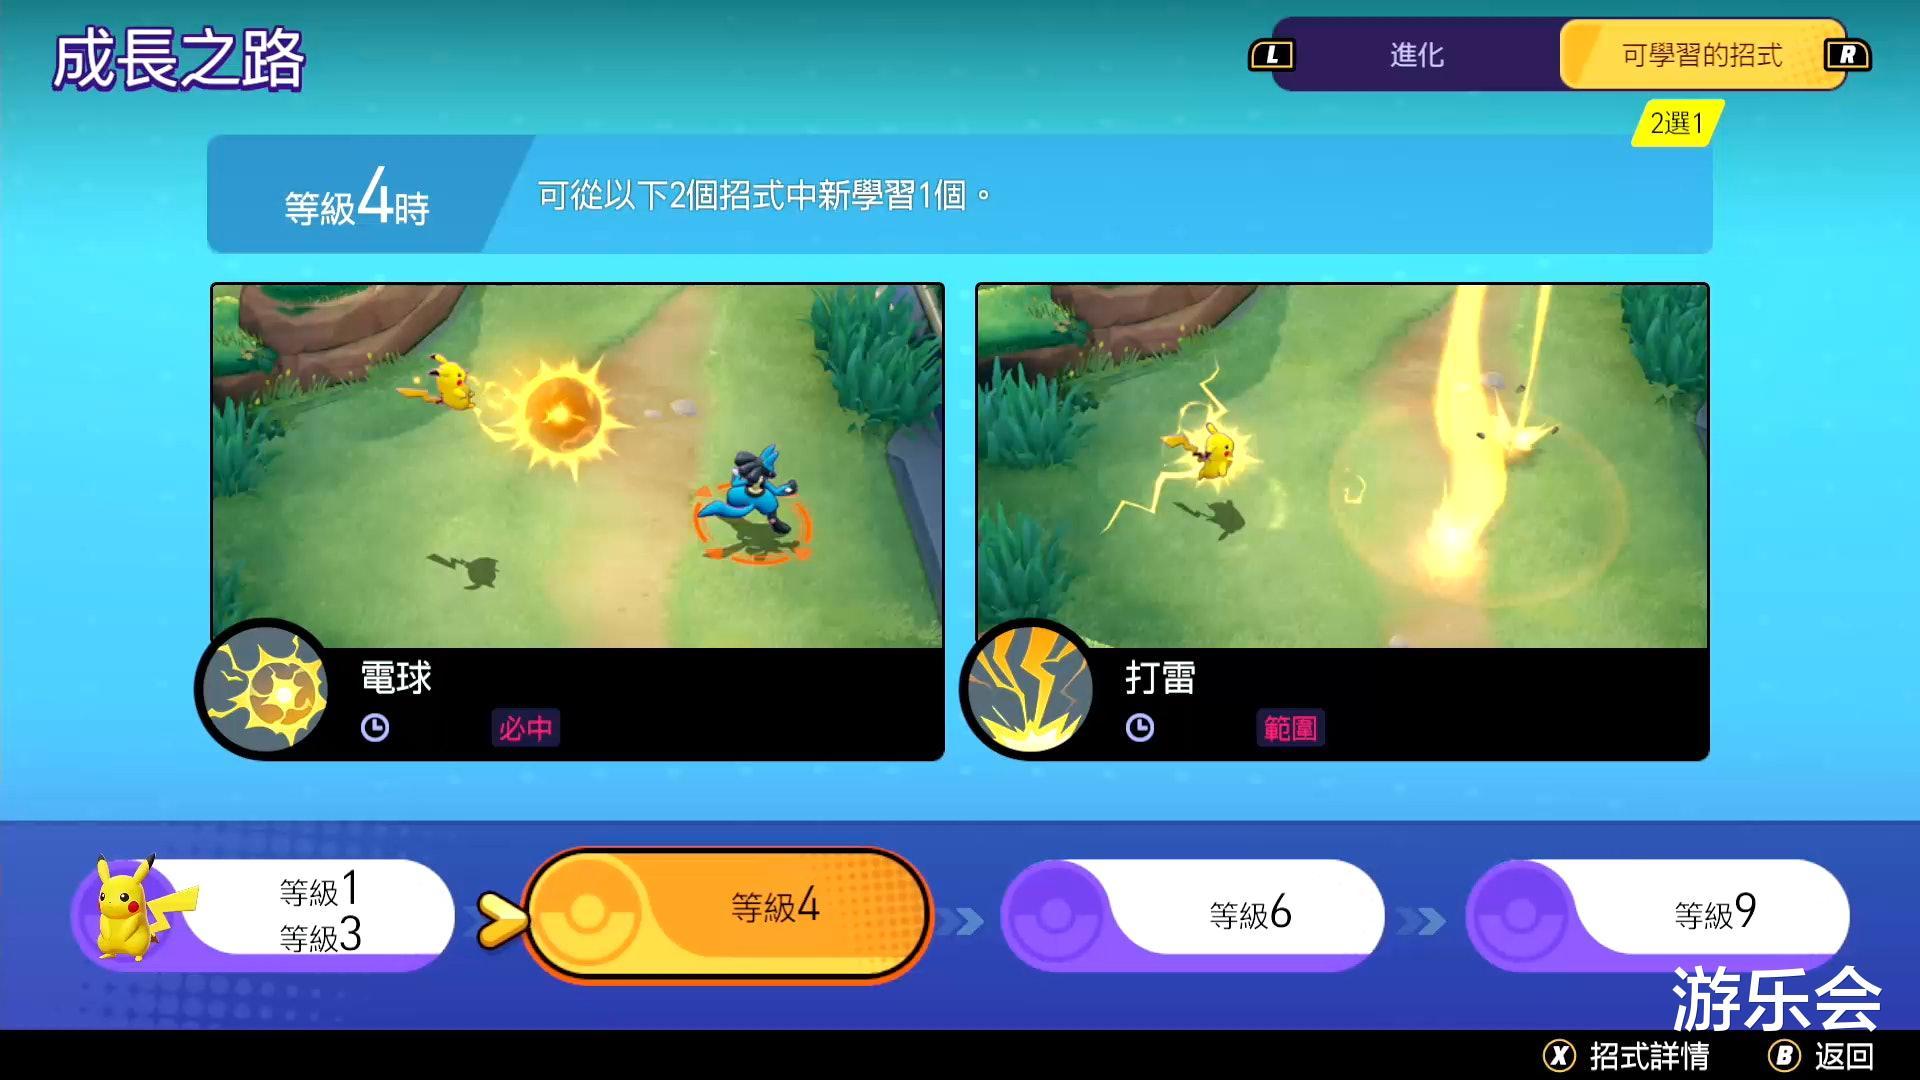 《【天游平台网】宝可梦大集结:没有MOBA基础也能玩,两英雄零基础轻松上手》